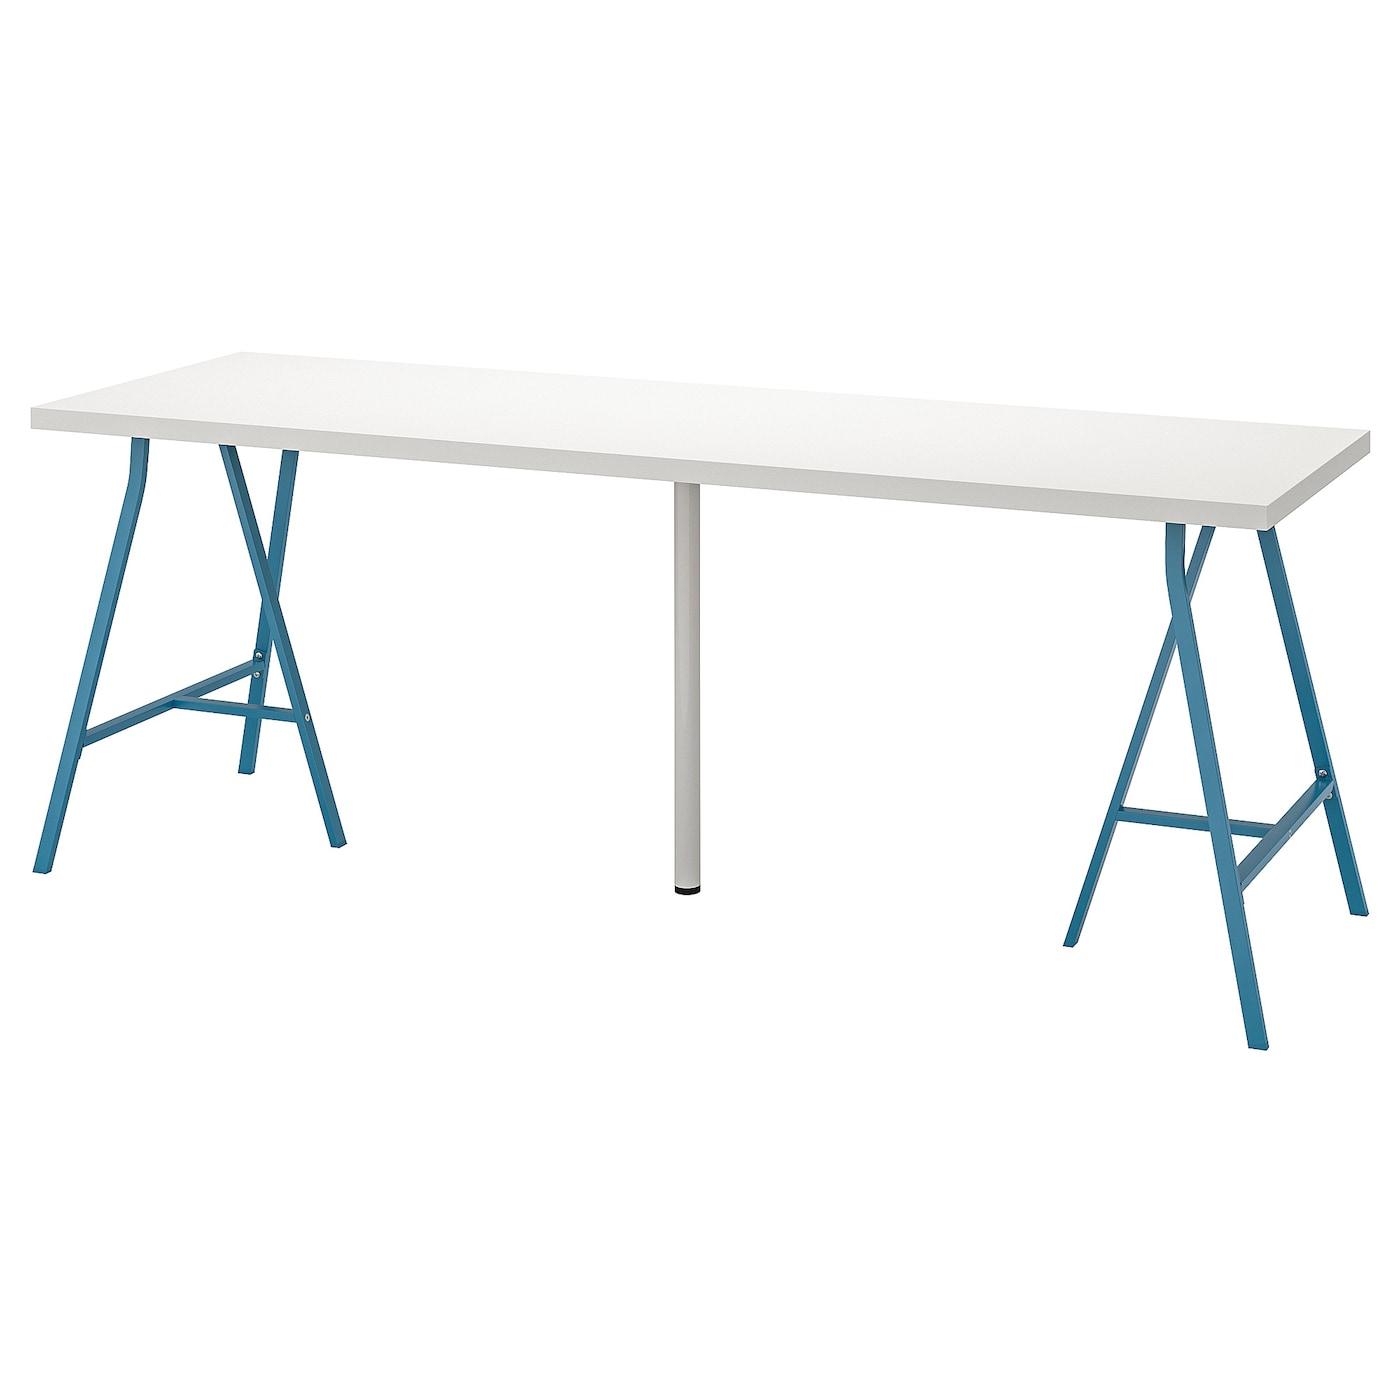 LINNMON ADILS Tisch weißblau 200x60 cm